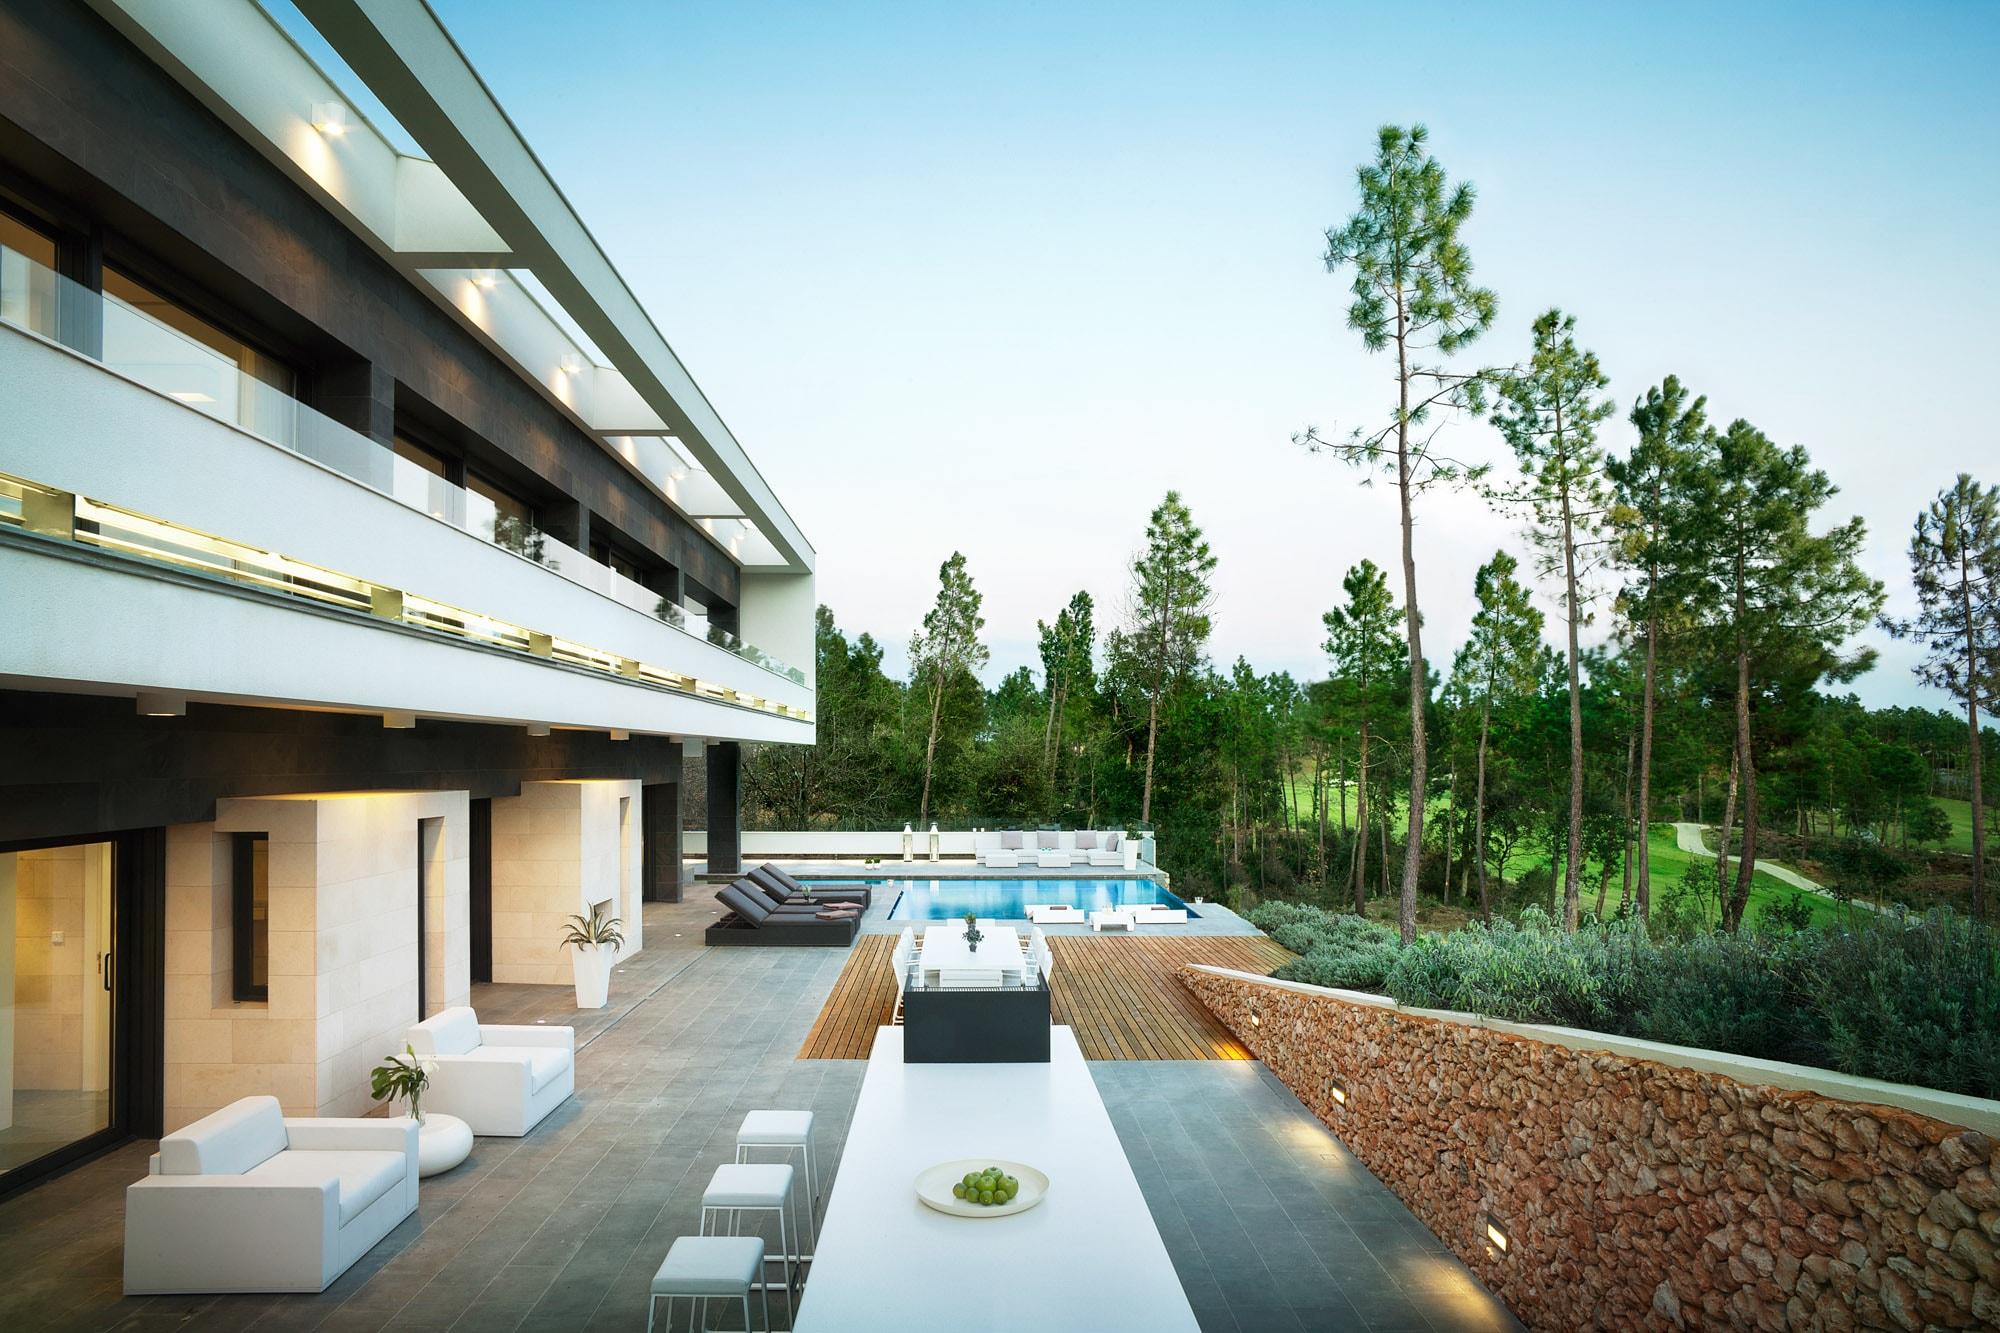 PGA Catalunya Resort: Setting für den Luxusurlaub, exklusiven Lifestyle und das Immobilien-Investment 12